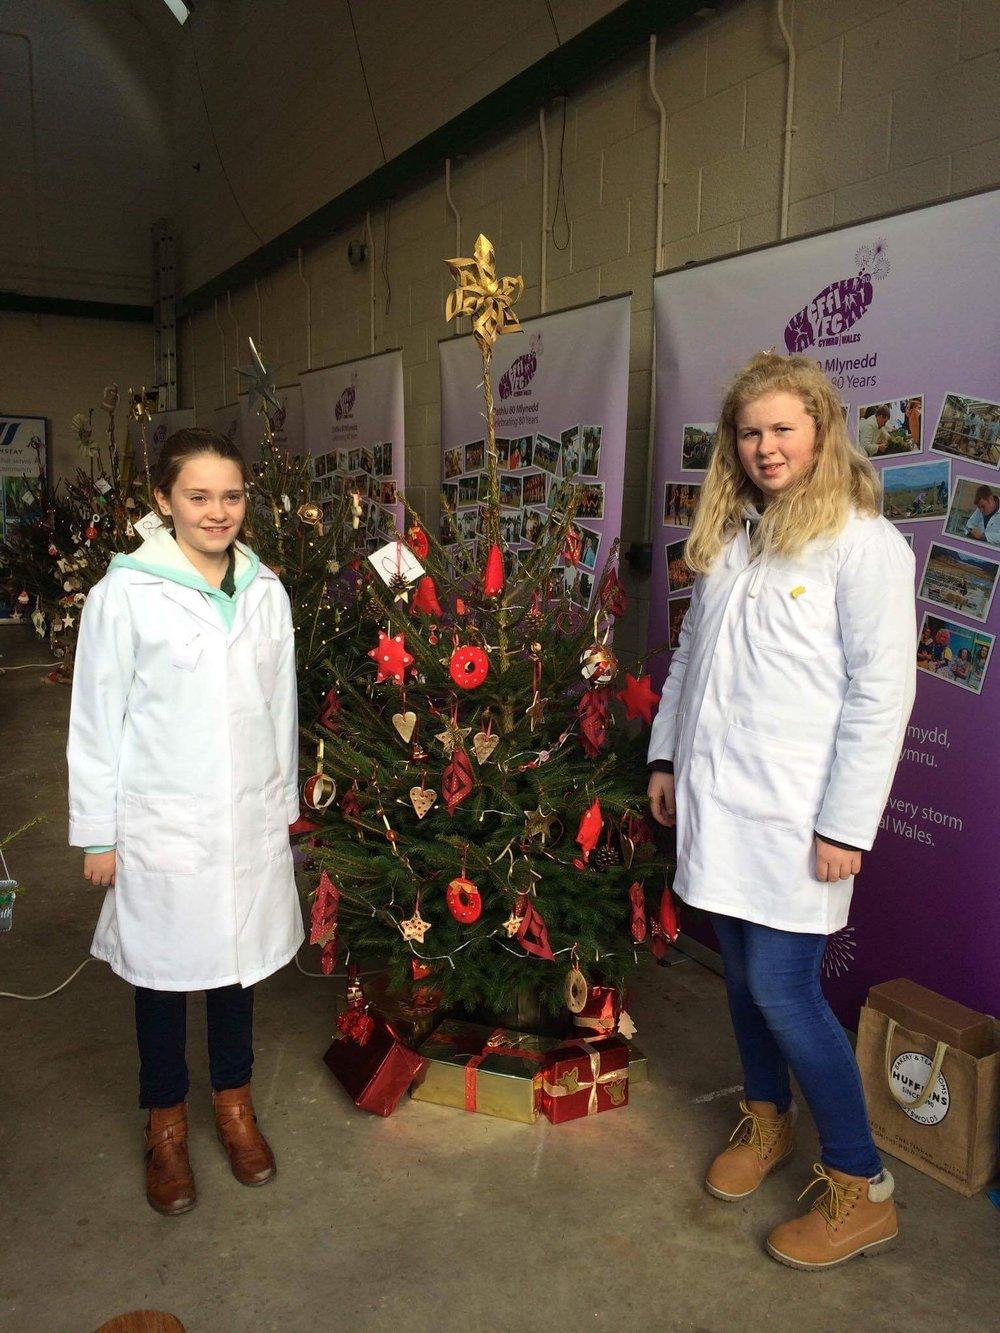 Katie Jones & Lauren Kinsey Owen, Aberedw YFC with their decorated Christmas tree.